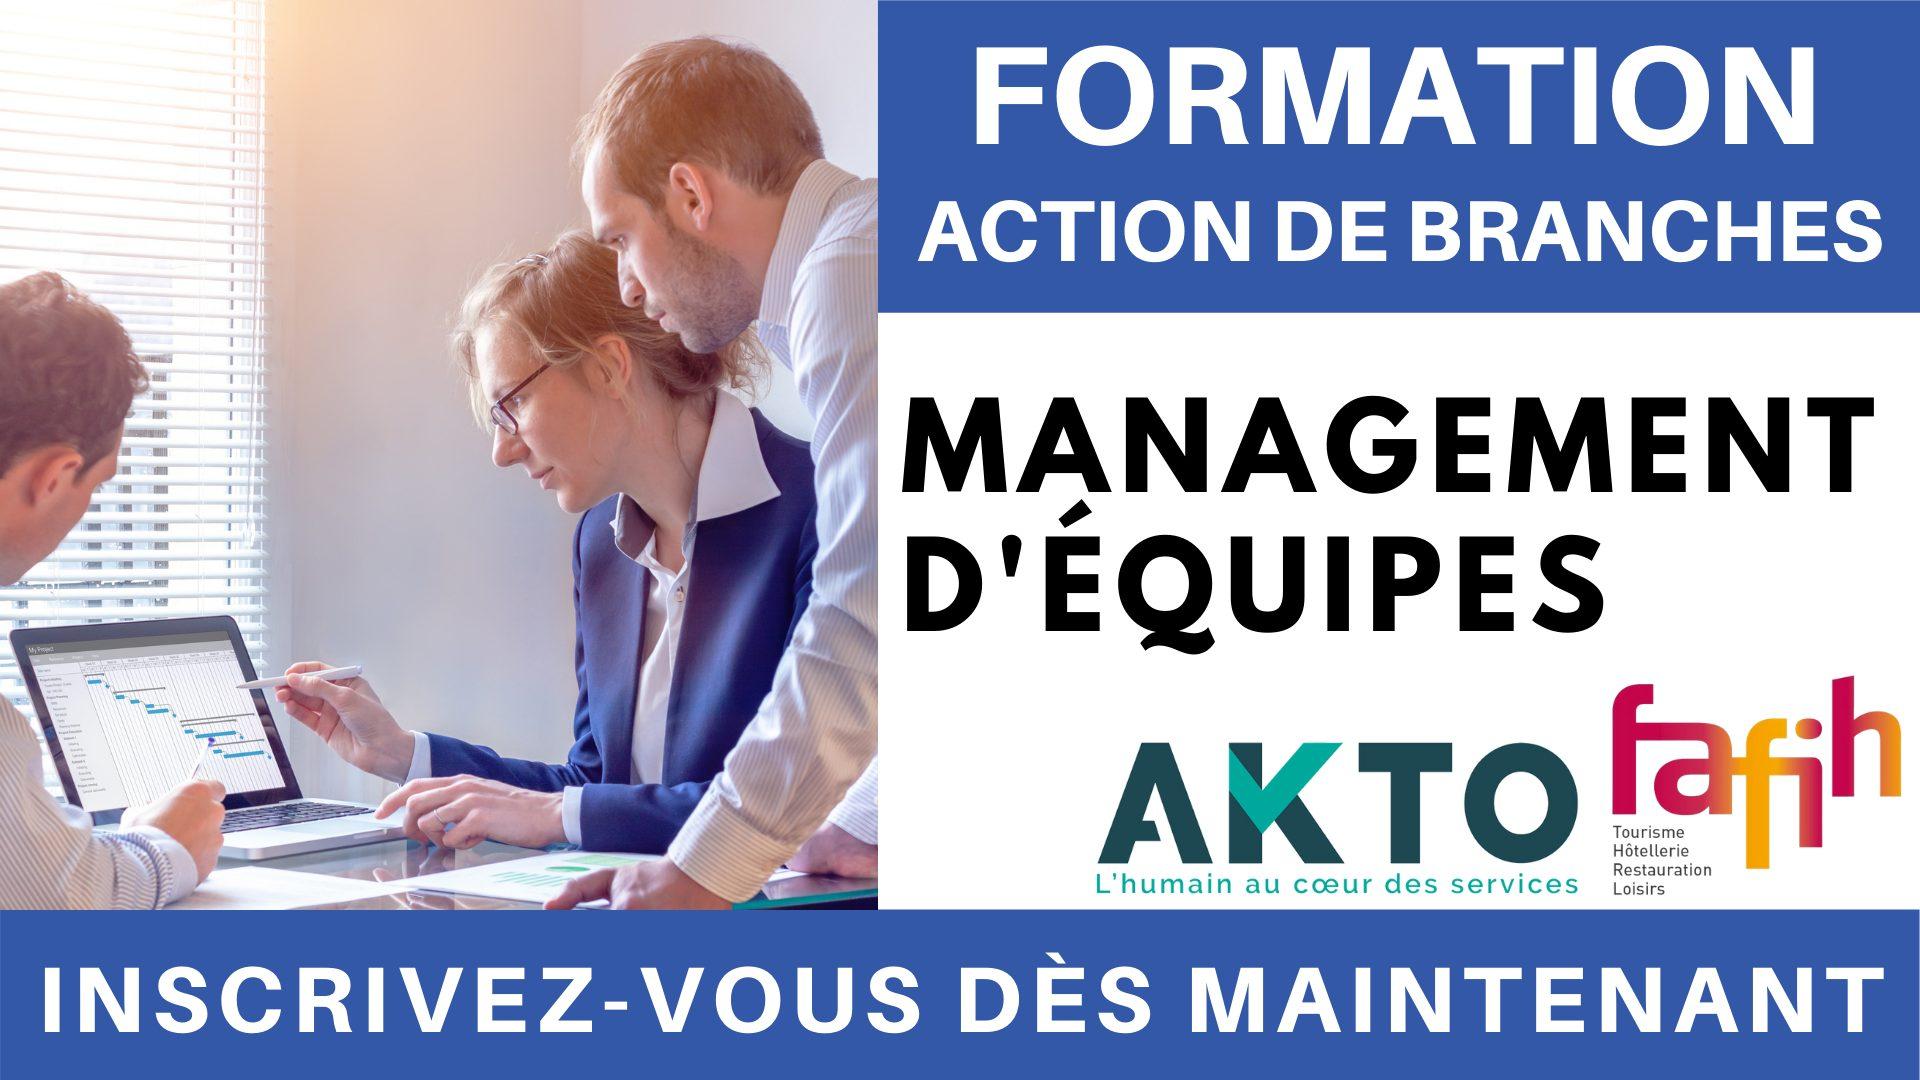 Formation Action de branches - Management d'équipes